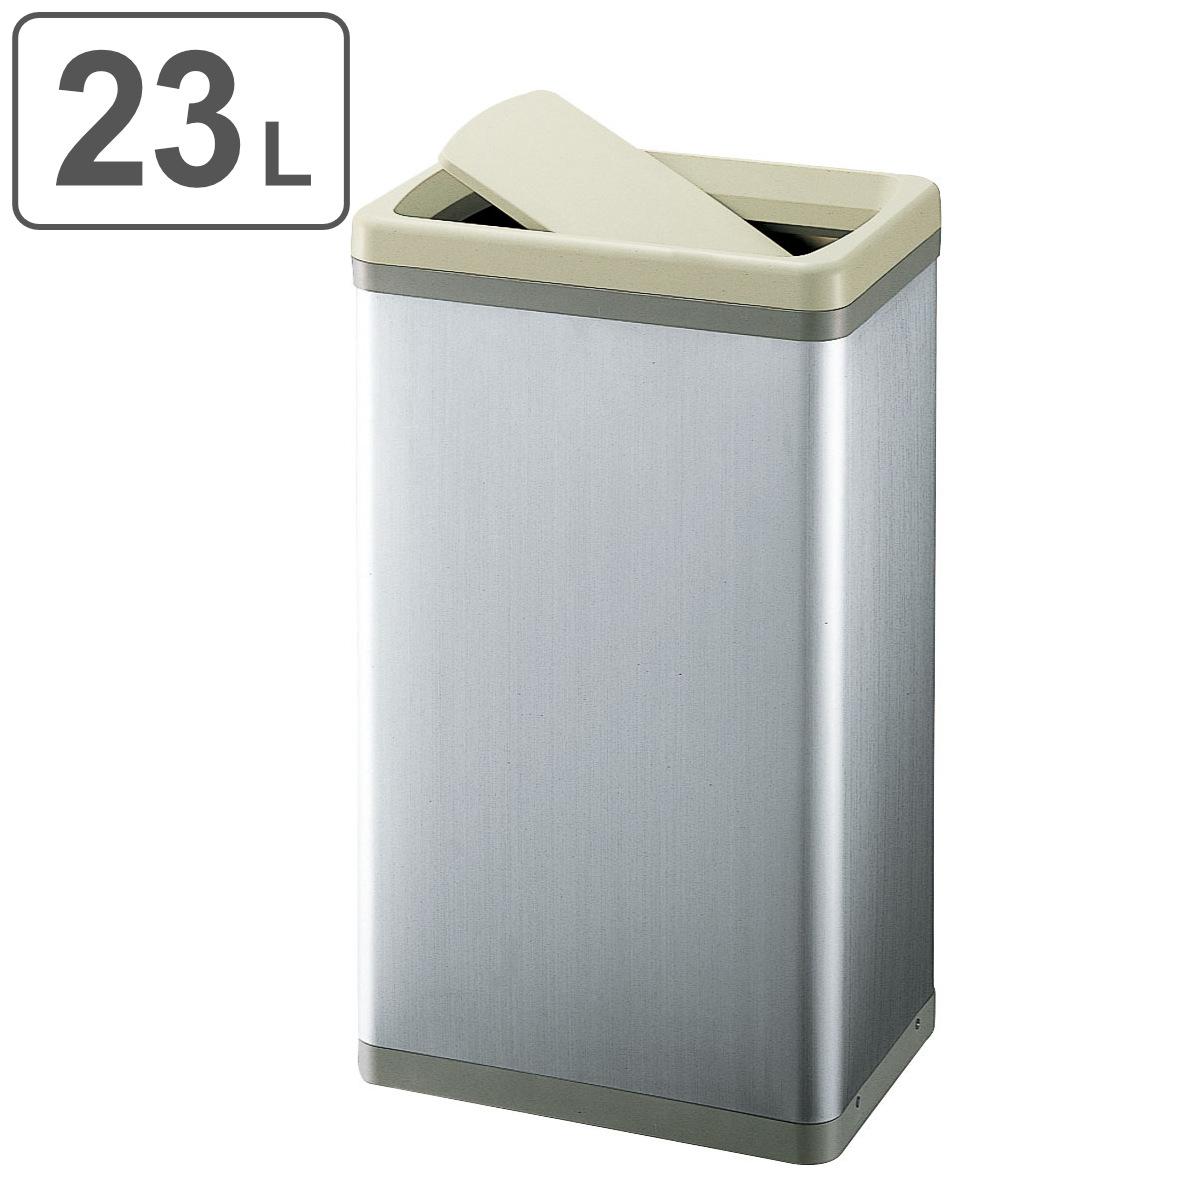 屋内用くず入れ ローターボックスE ST大 内容器付 (ゴミ箱 ヤマザキ ダストボックス ステンレス 山崎産業 送料無料 )